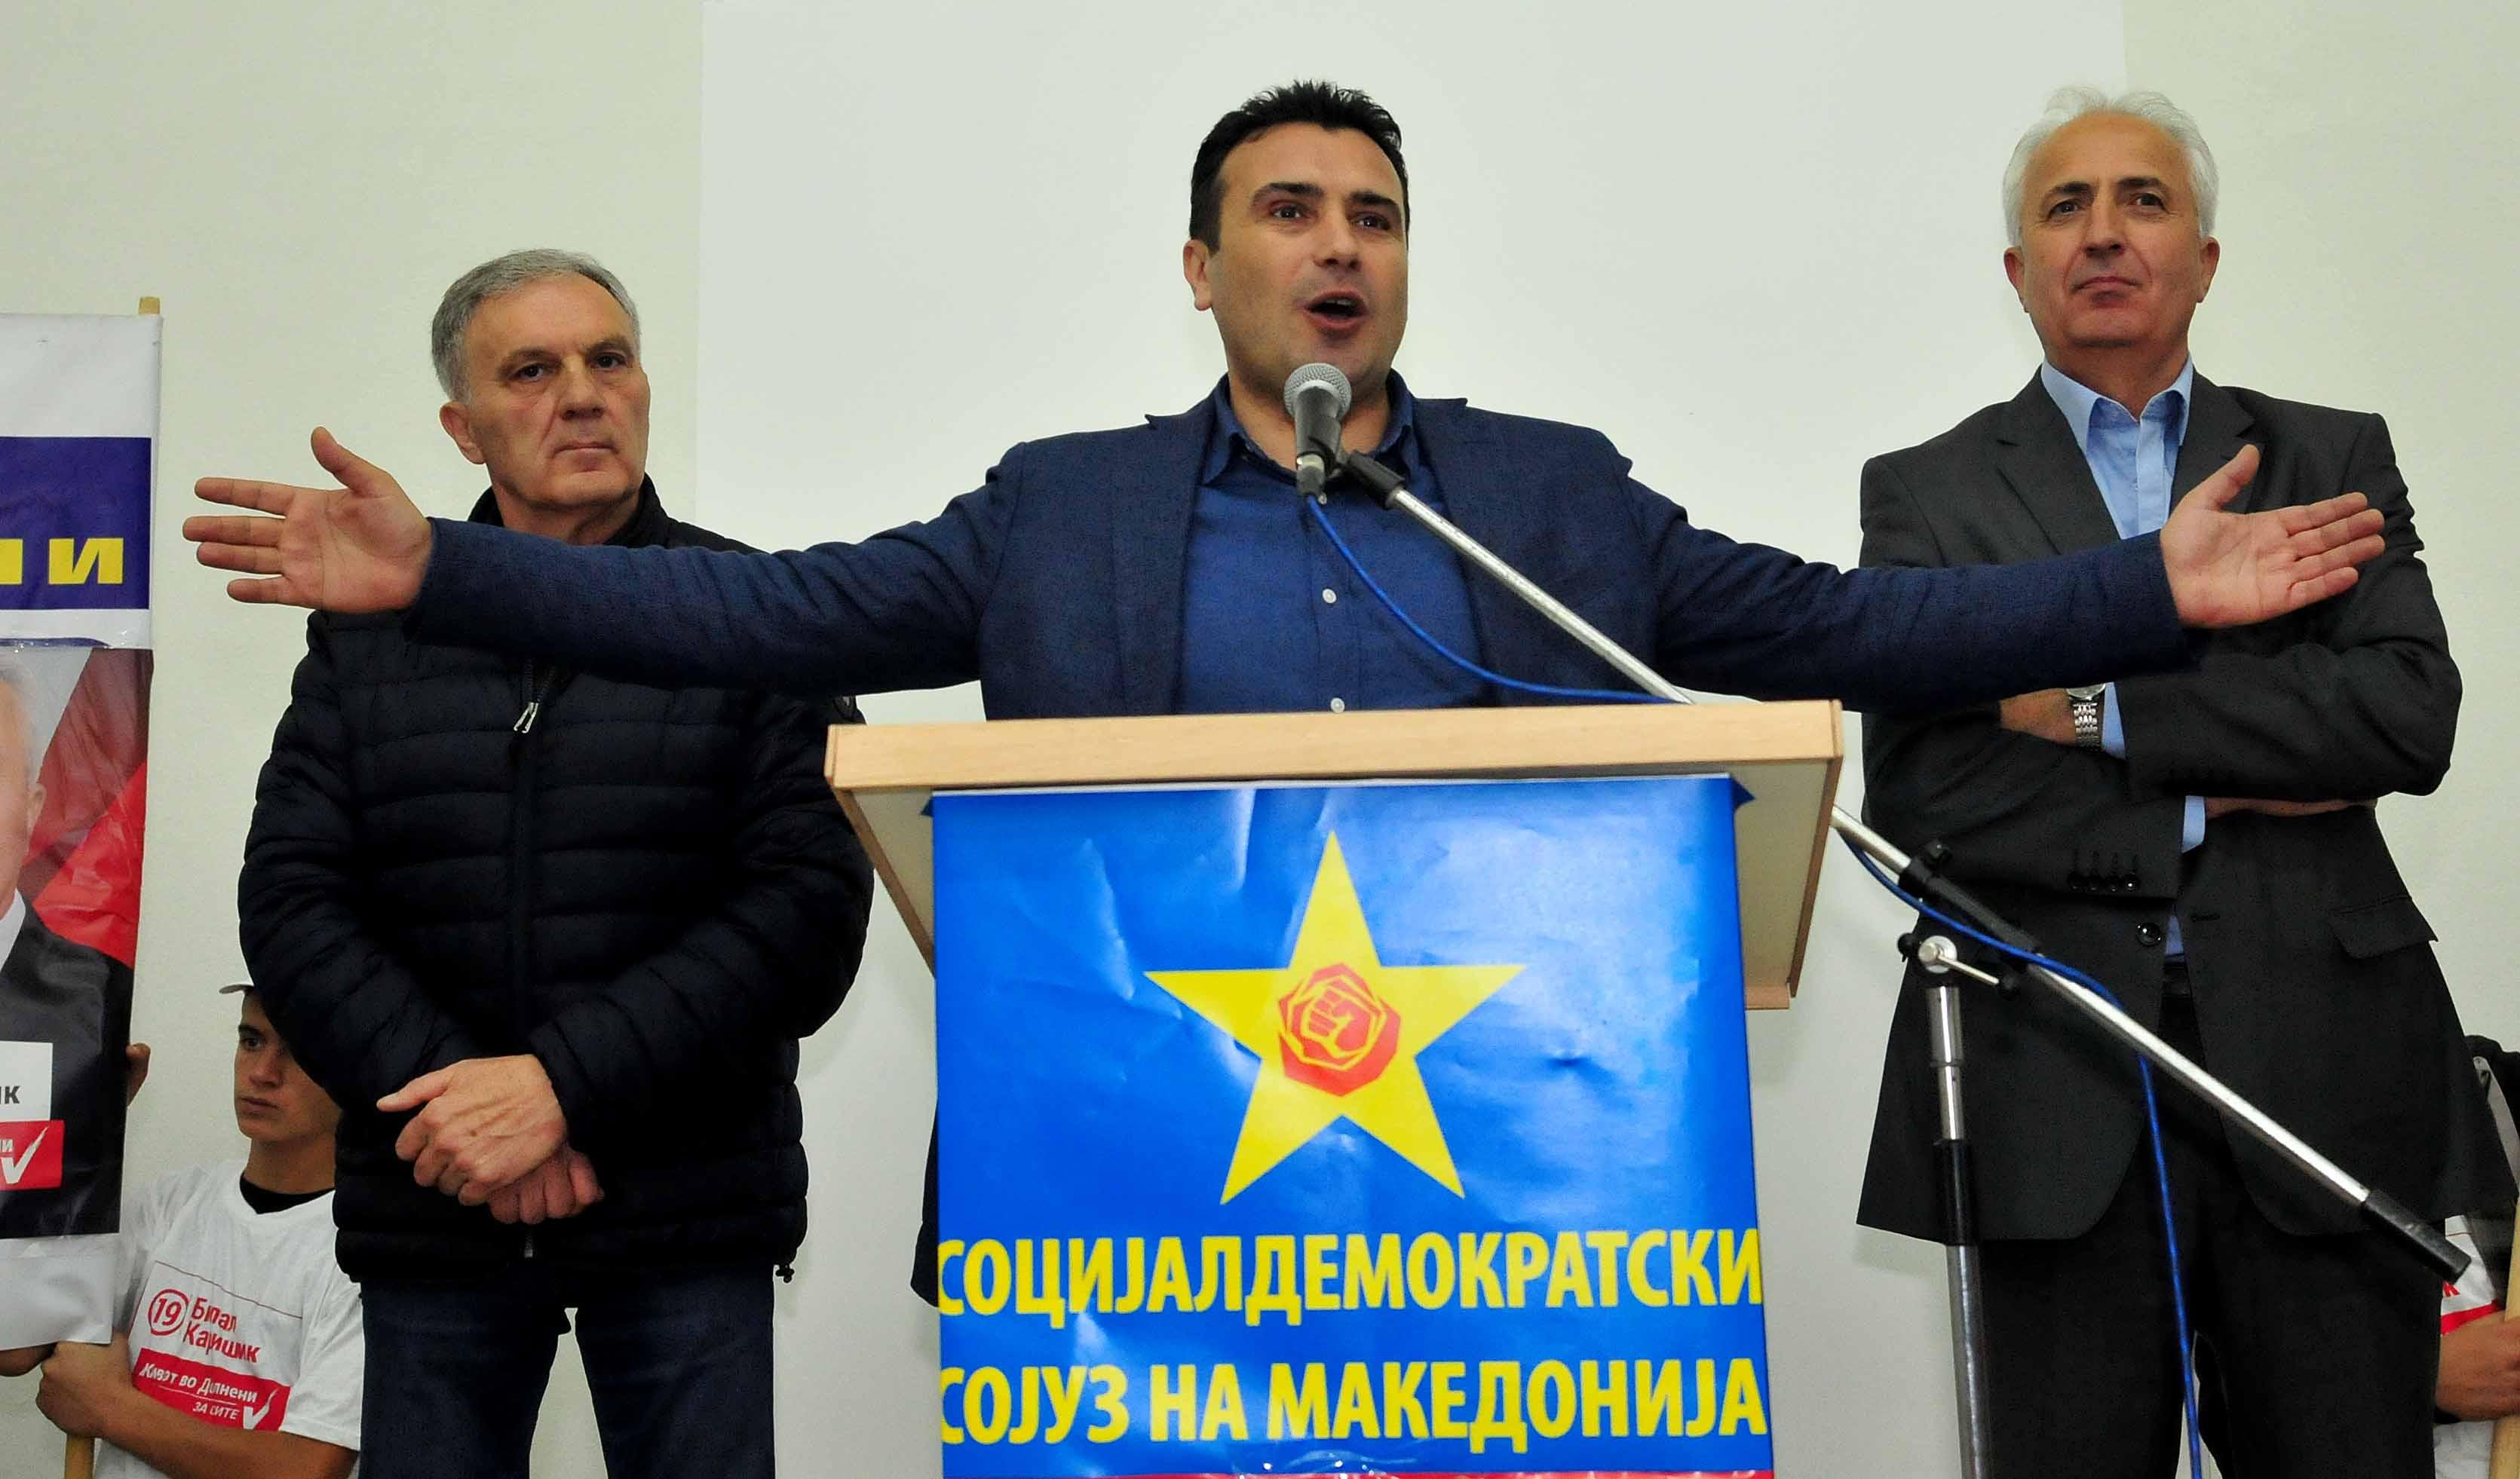 sdsm-vo-dolneni-konceptot-na-zaednishtvo-e-edinstvenata-idnina-na-makedonija